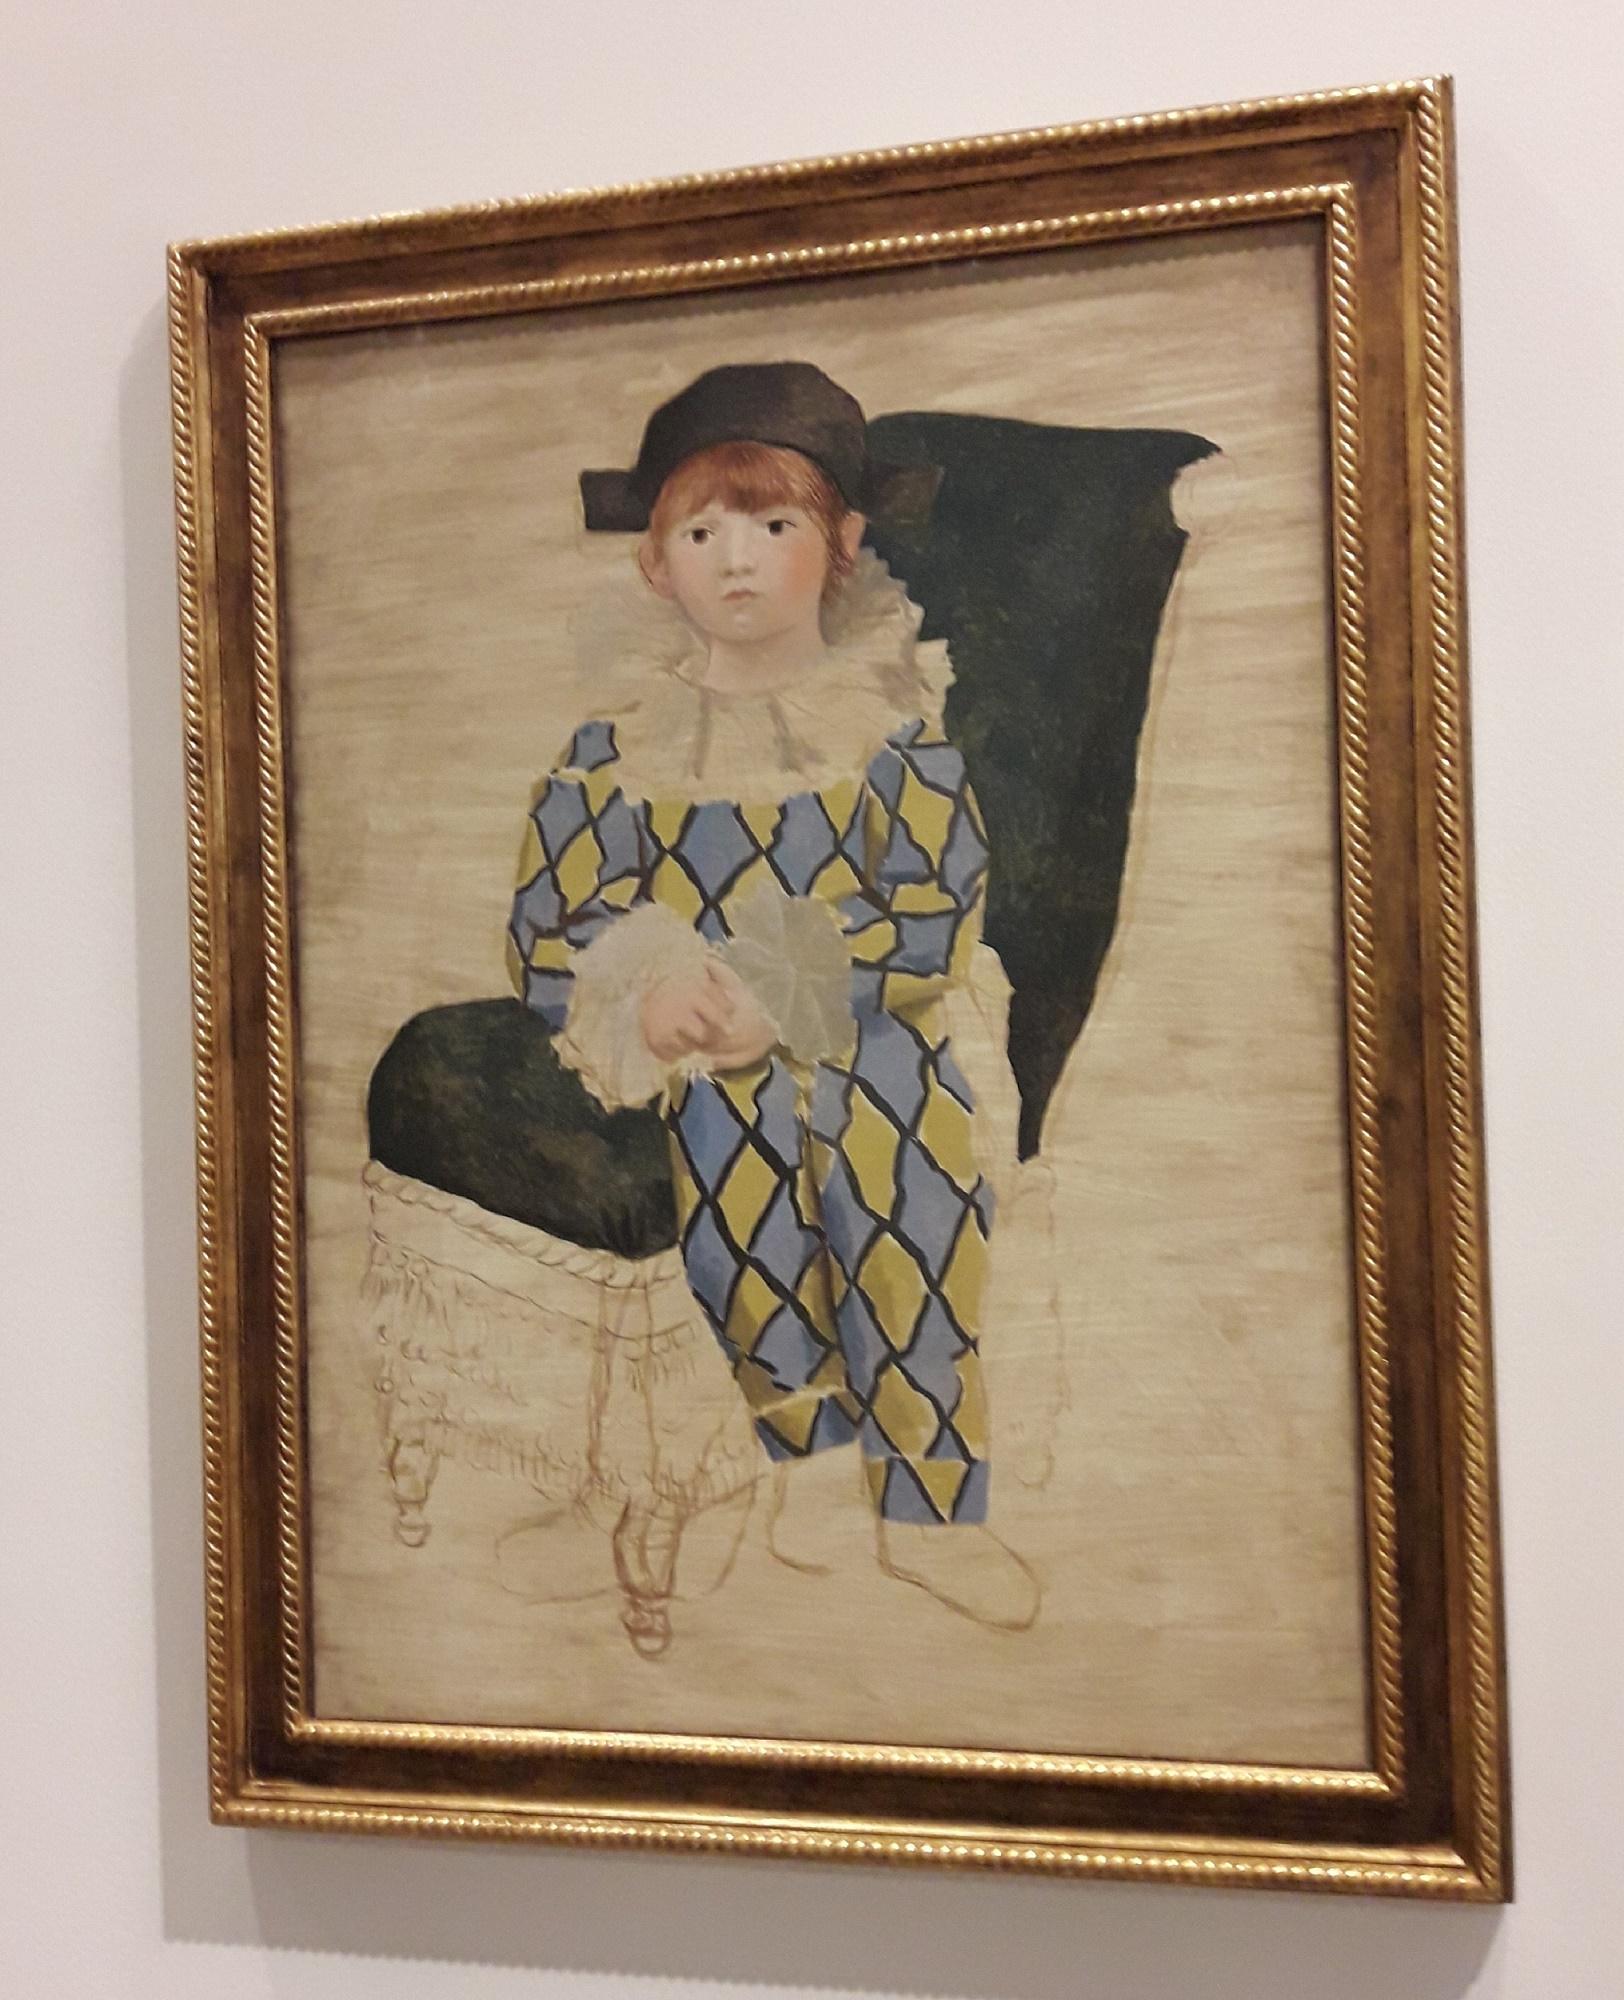 Tra Classicismo E Cubismo Il Periodo Romano Di Picasso In Mostra